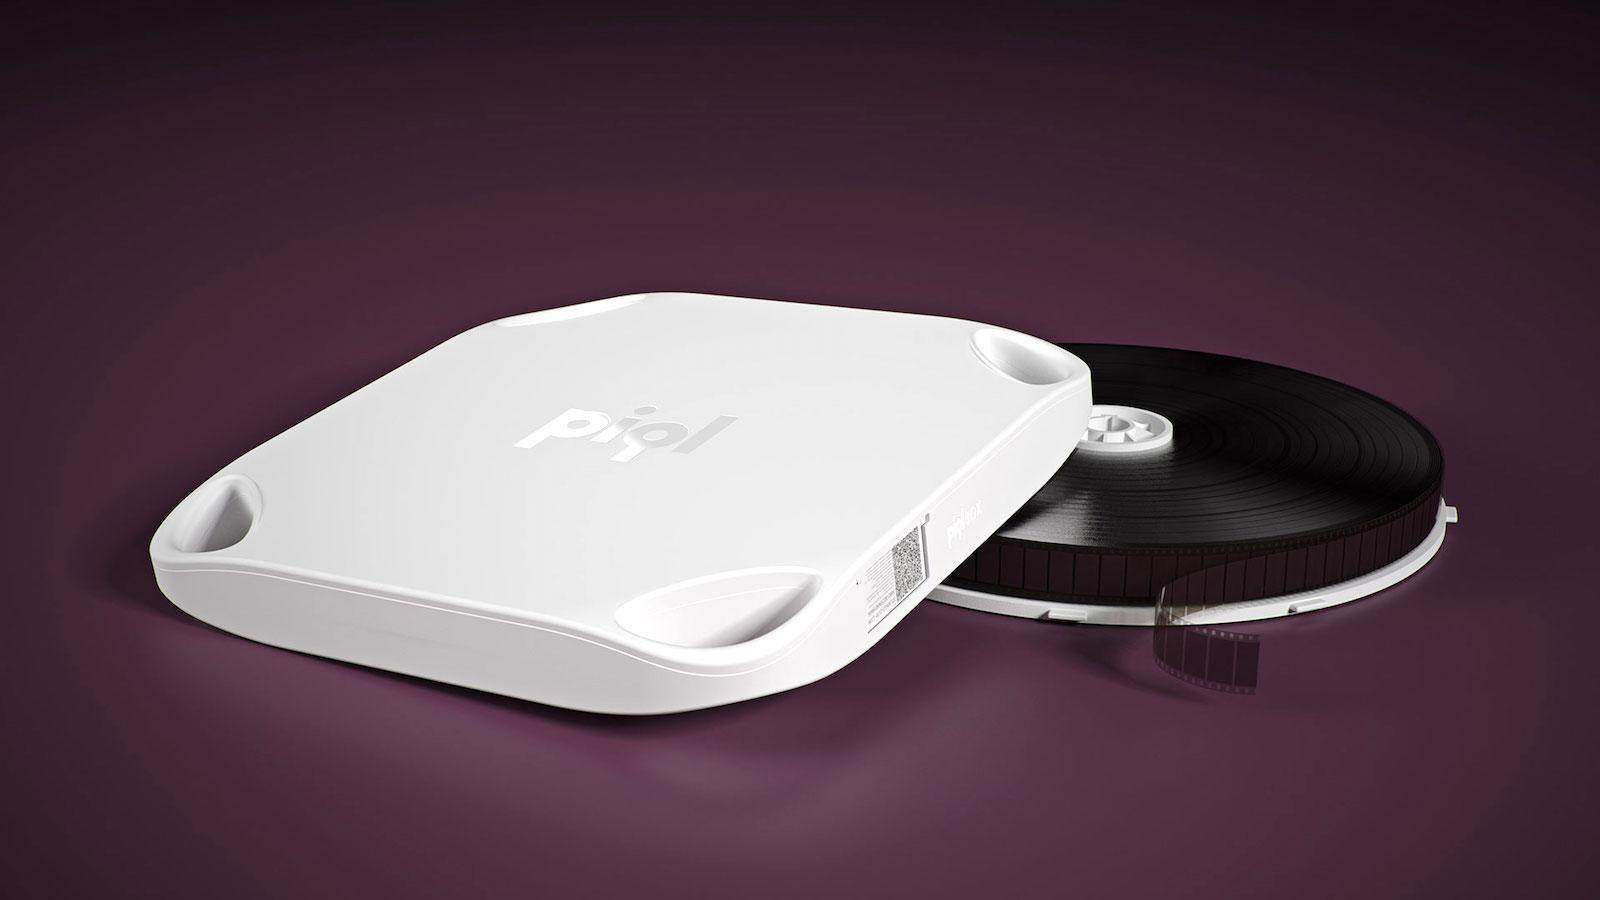 Piql-Box und-Filmrolle: Gespeicherte Daten sollen sich so gelagert 500 bis 1.000 Jahre lang halten.